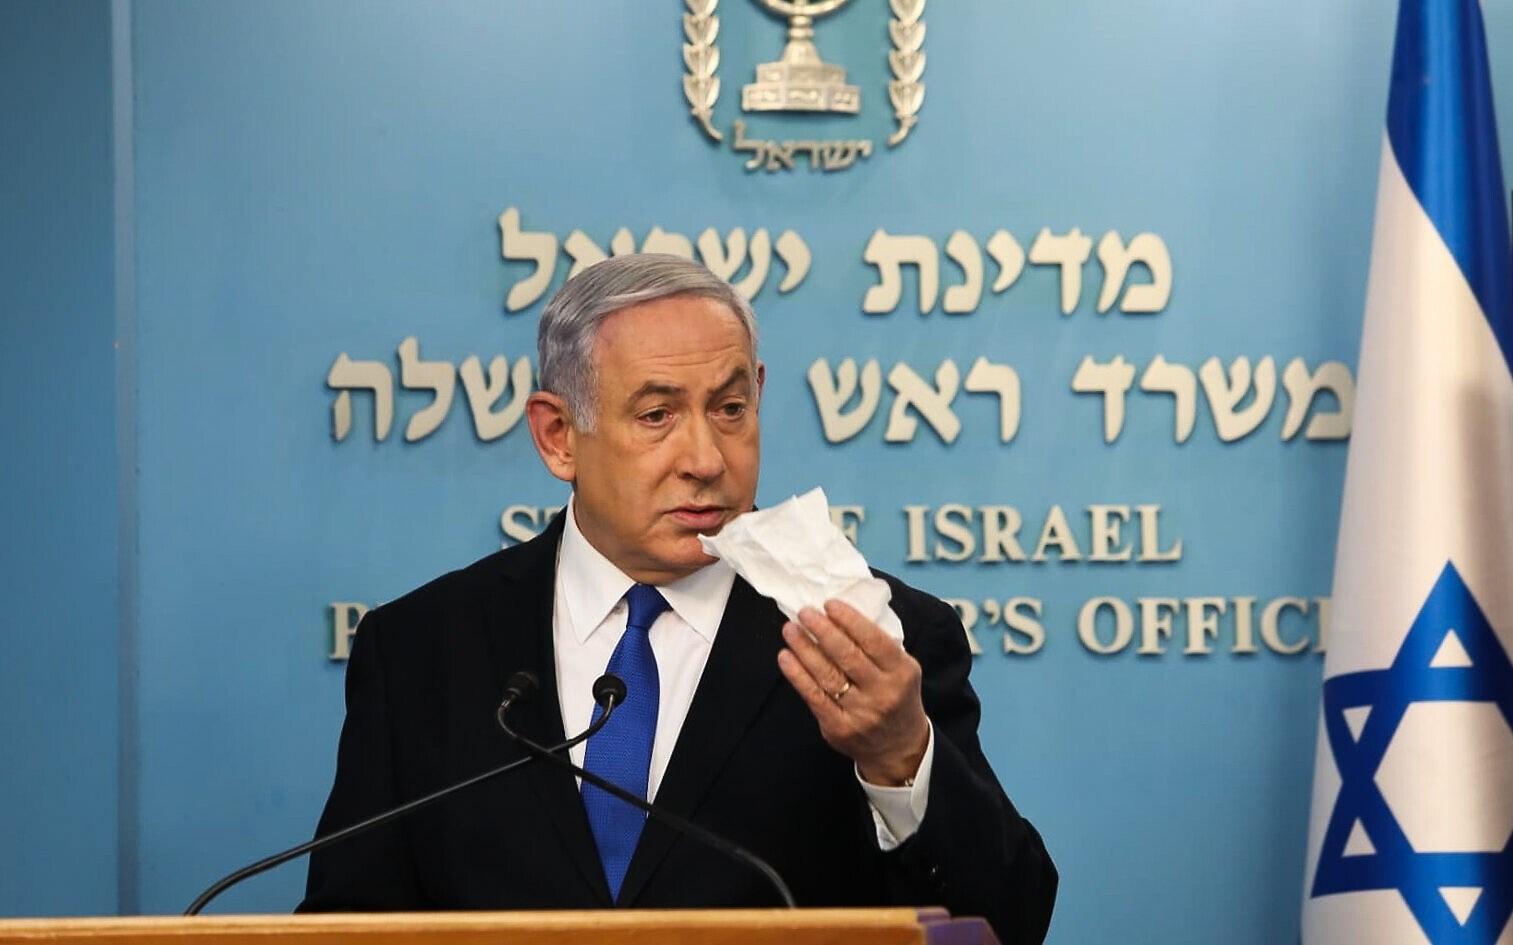 """بعد أن أحرجتها """"حماس"""" في مبادرة تبادل الأسرى.. """"إسرائيل"""" تعلن الاستعداد للتفاوض"""